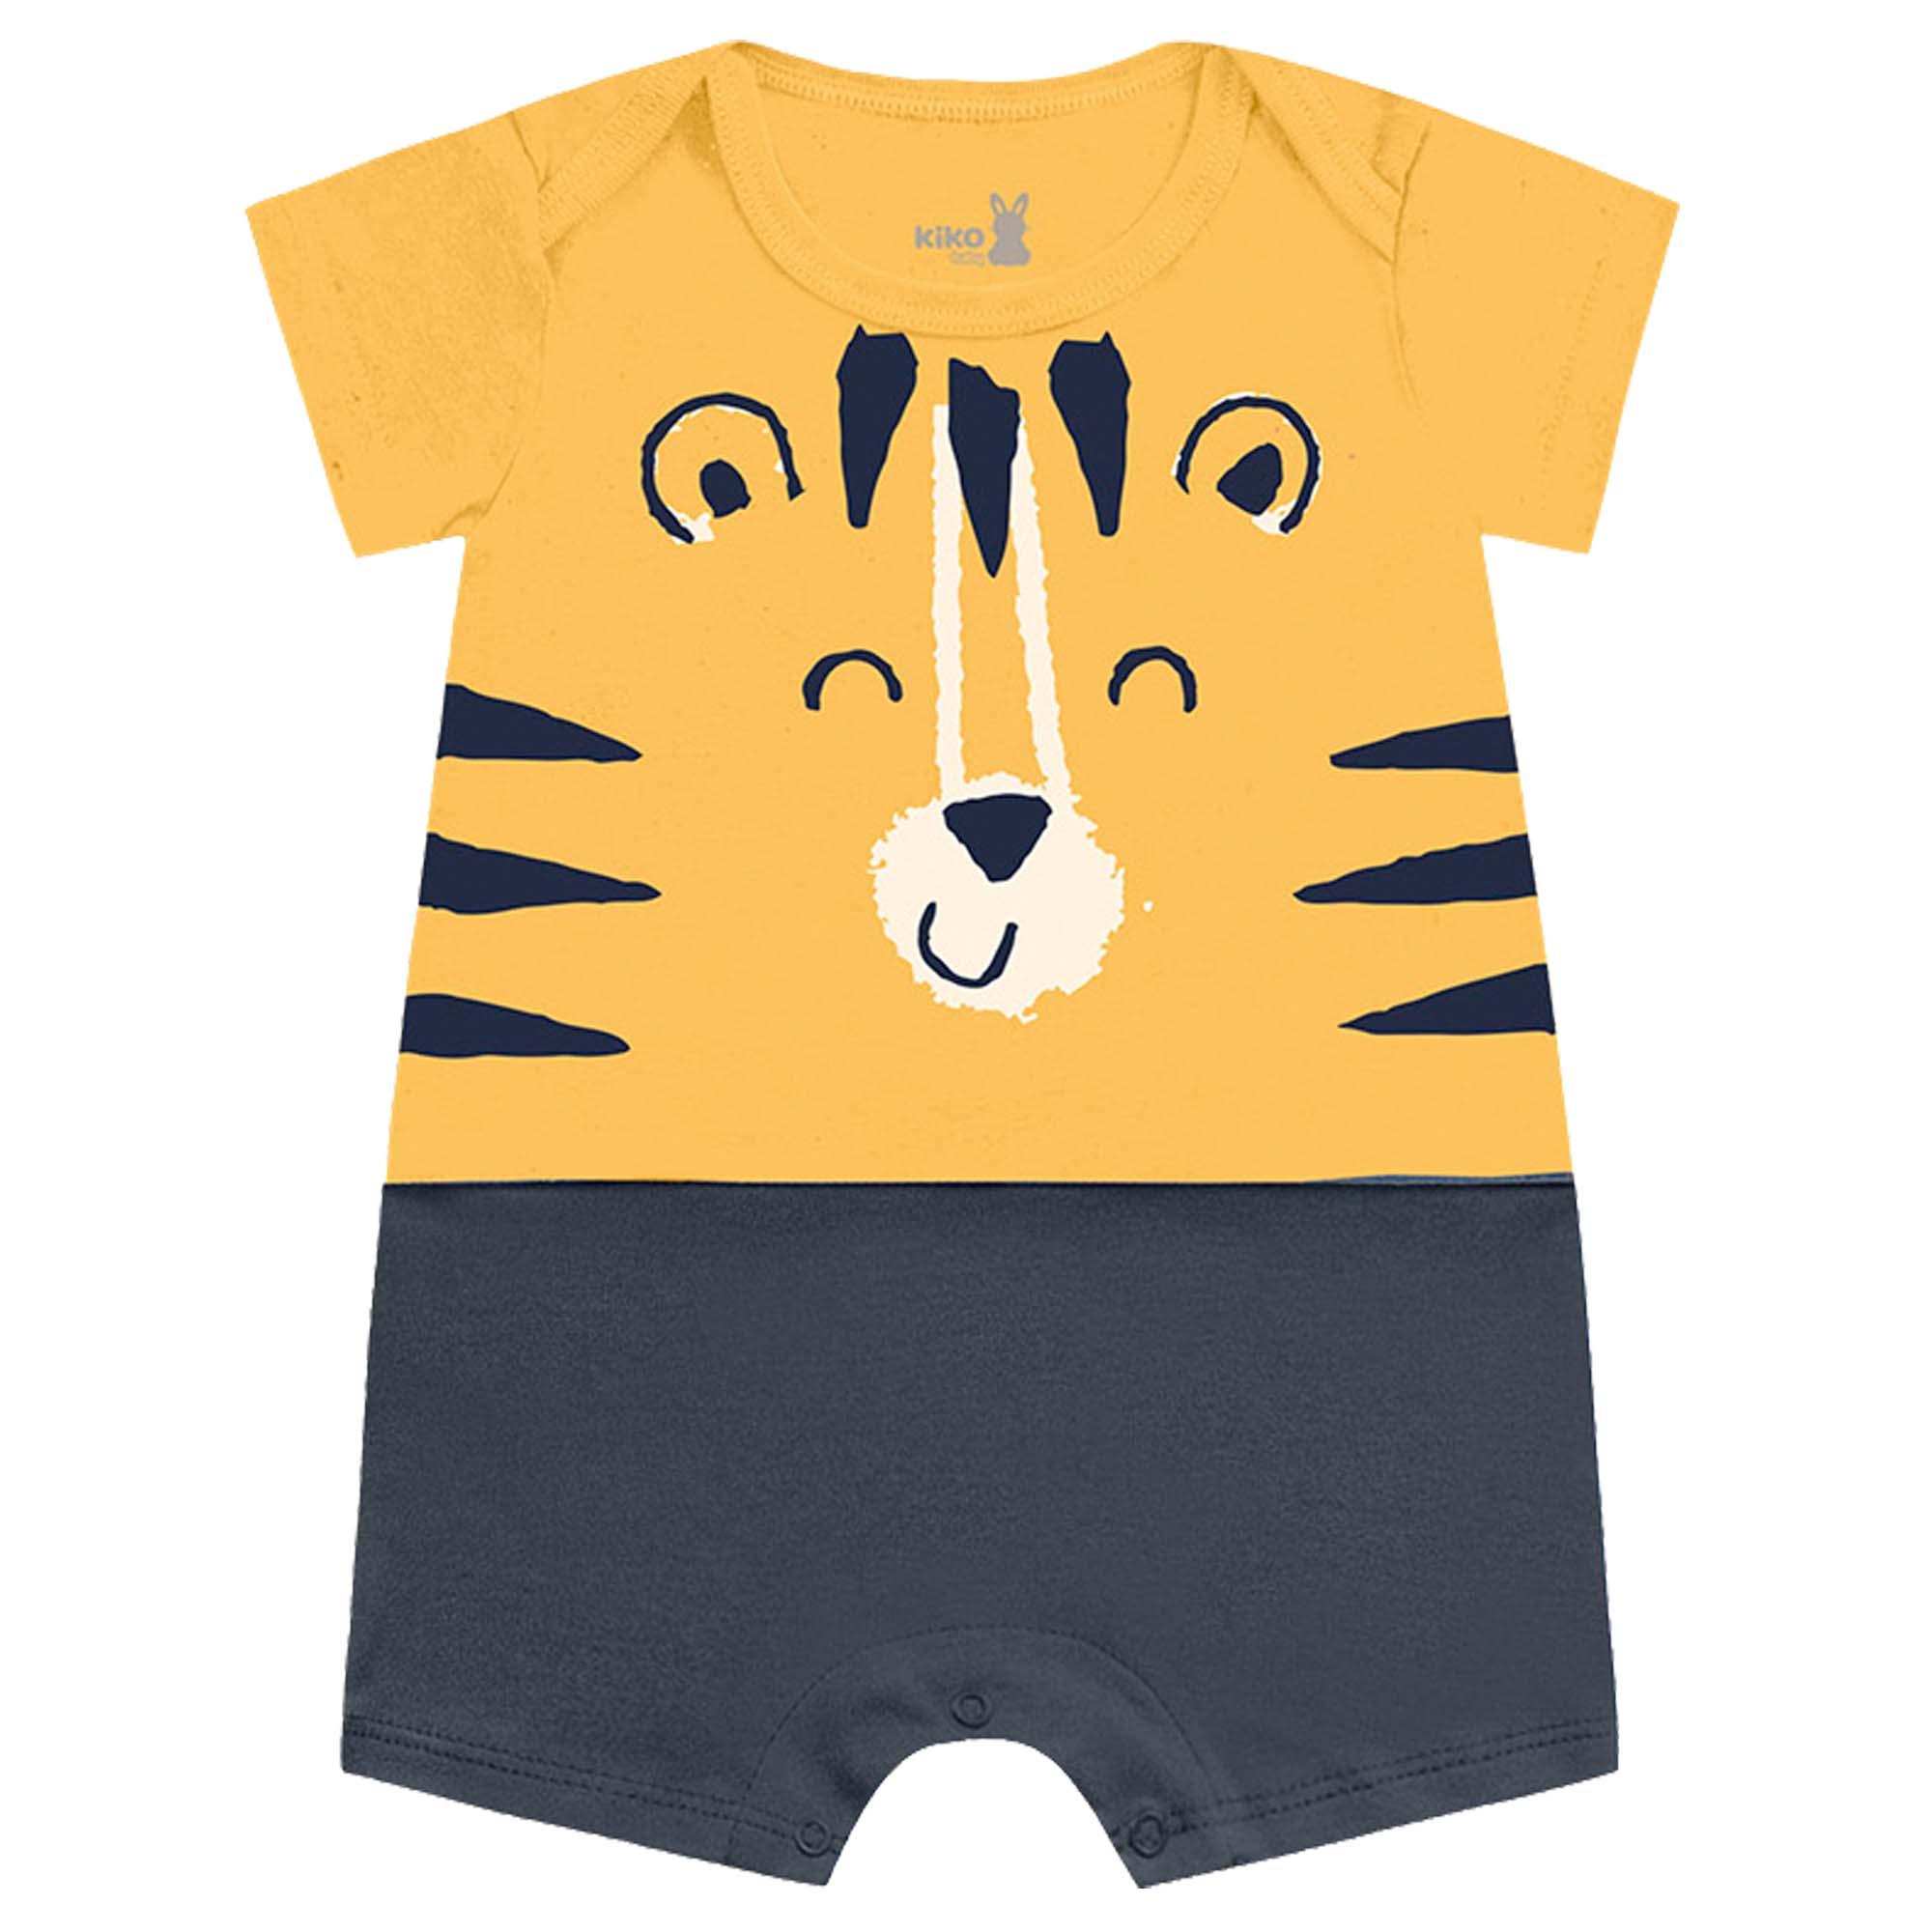 Macacão Verão Kiko Baby Estampa Tigre - P ao G